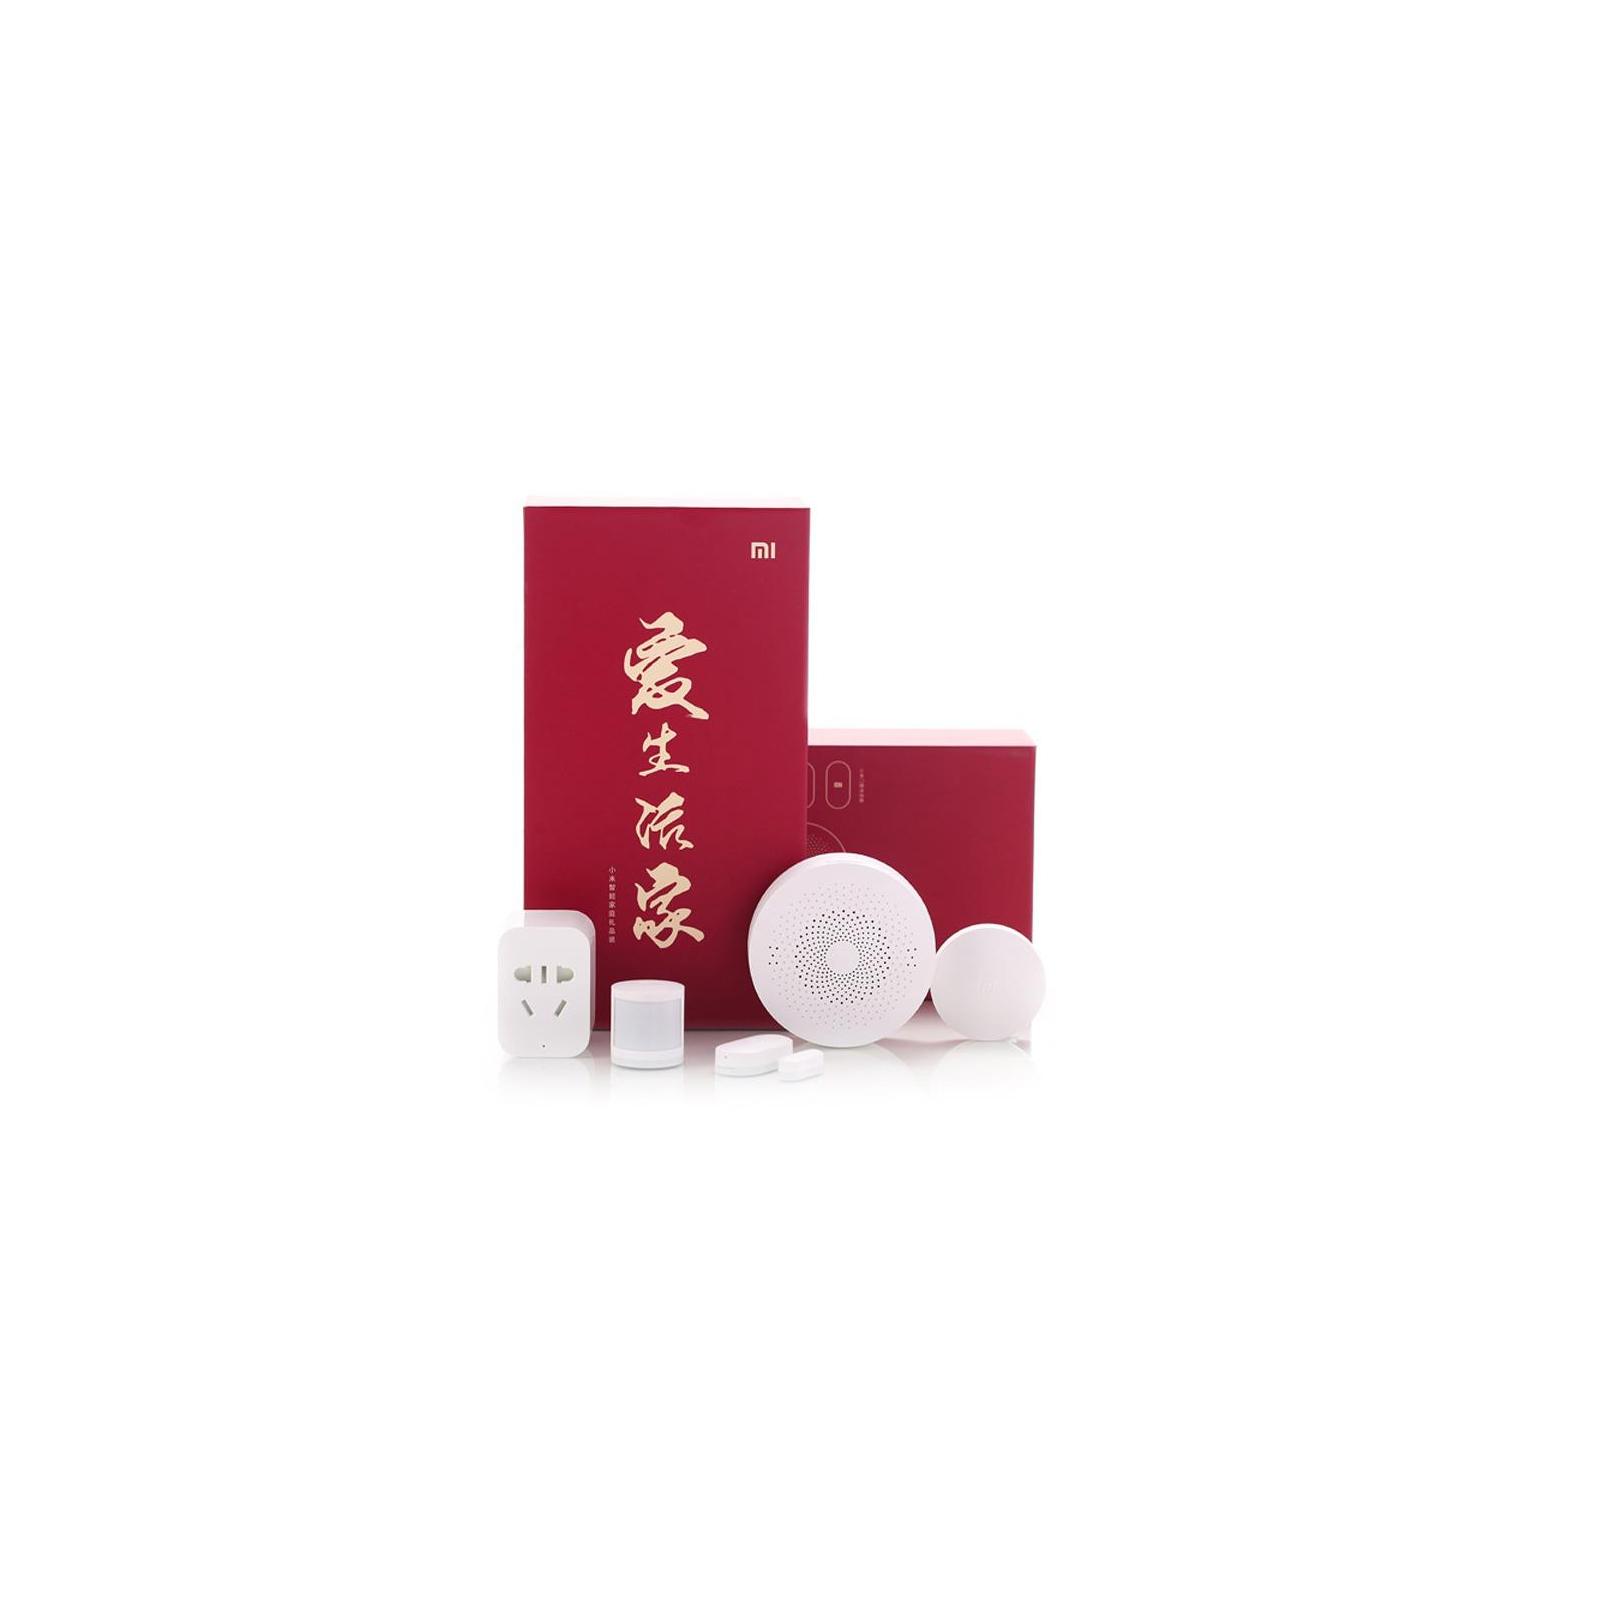 Комплект охранной сигнализации Xiaomi набор Mijia Smart Home Set (YTC4023CN)